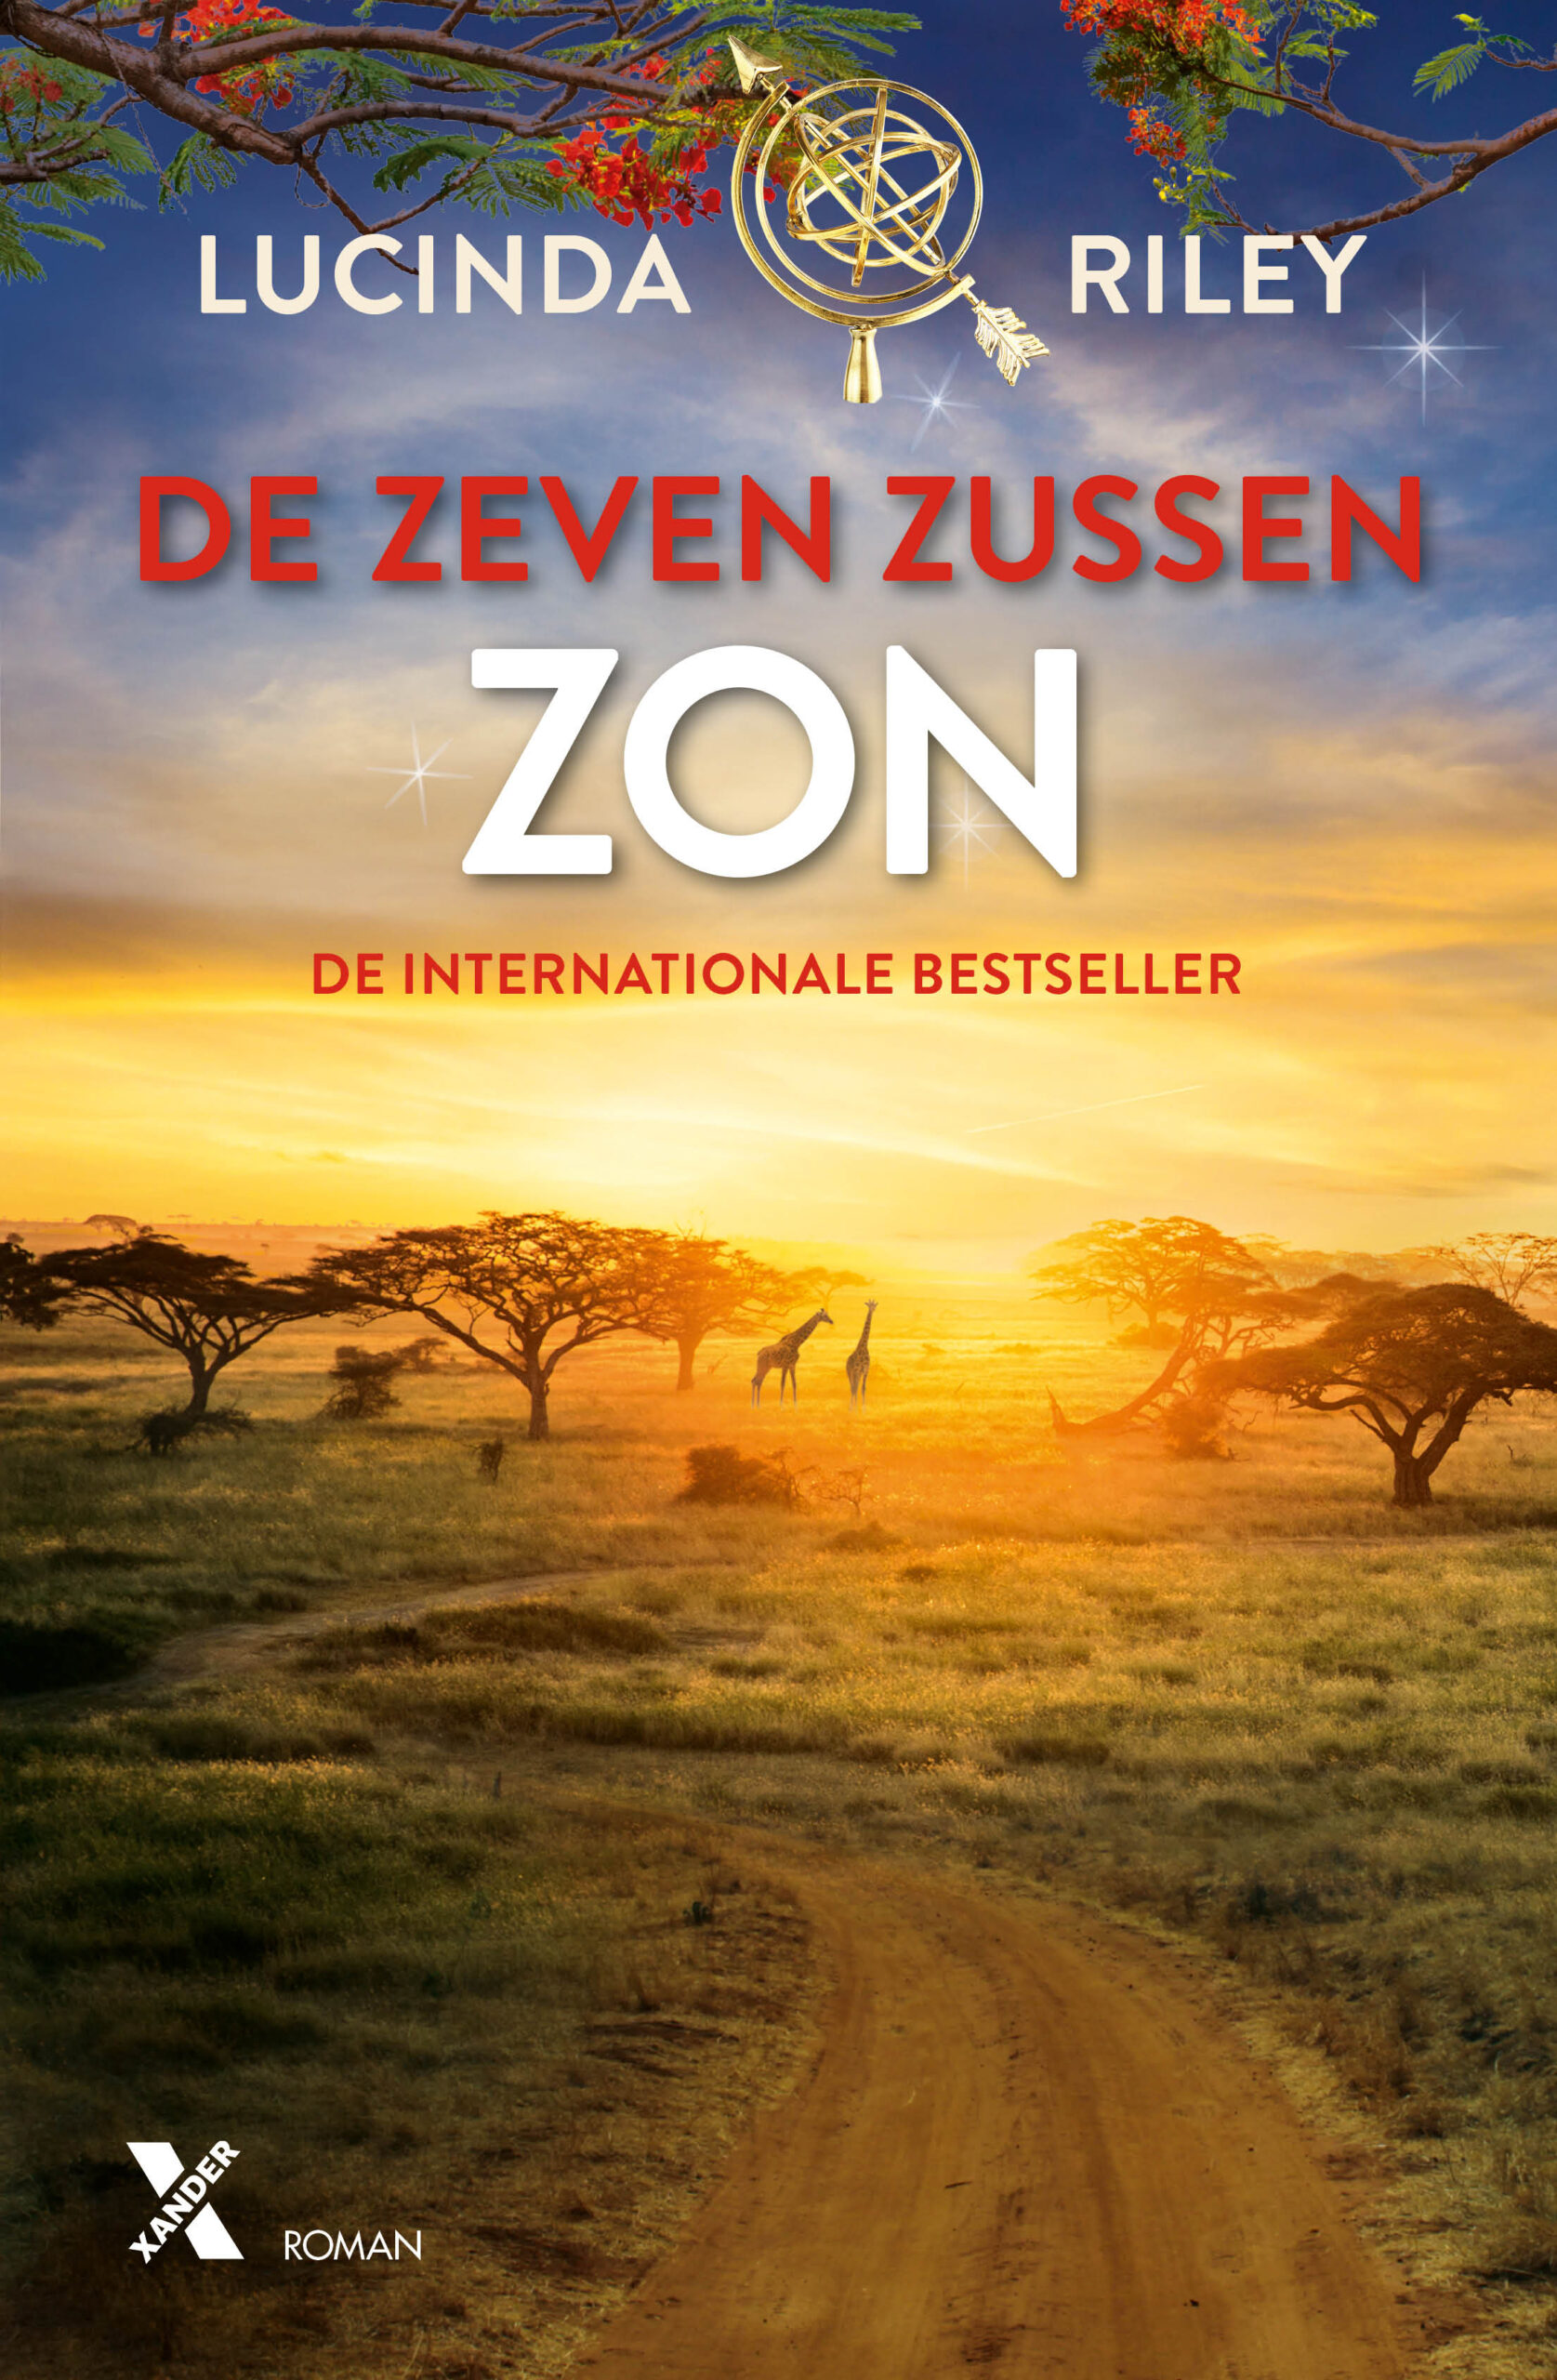 De zeven zussen. Zon - boekenflits.nl